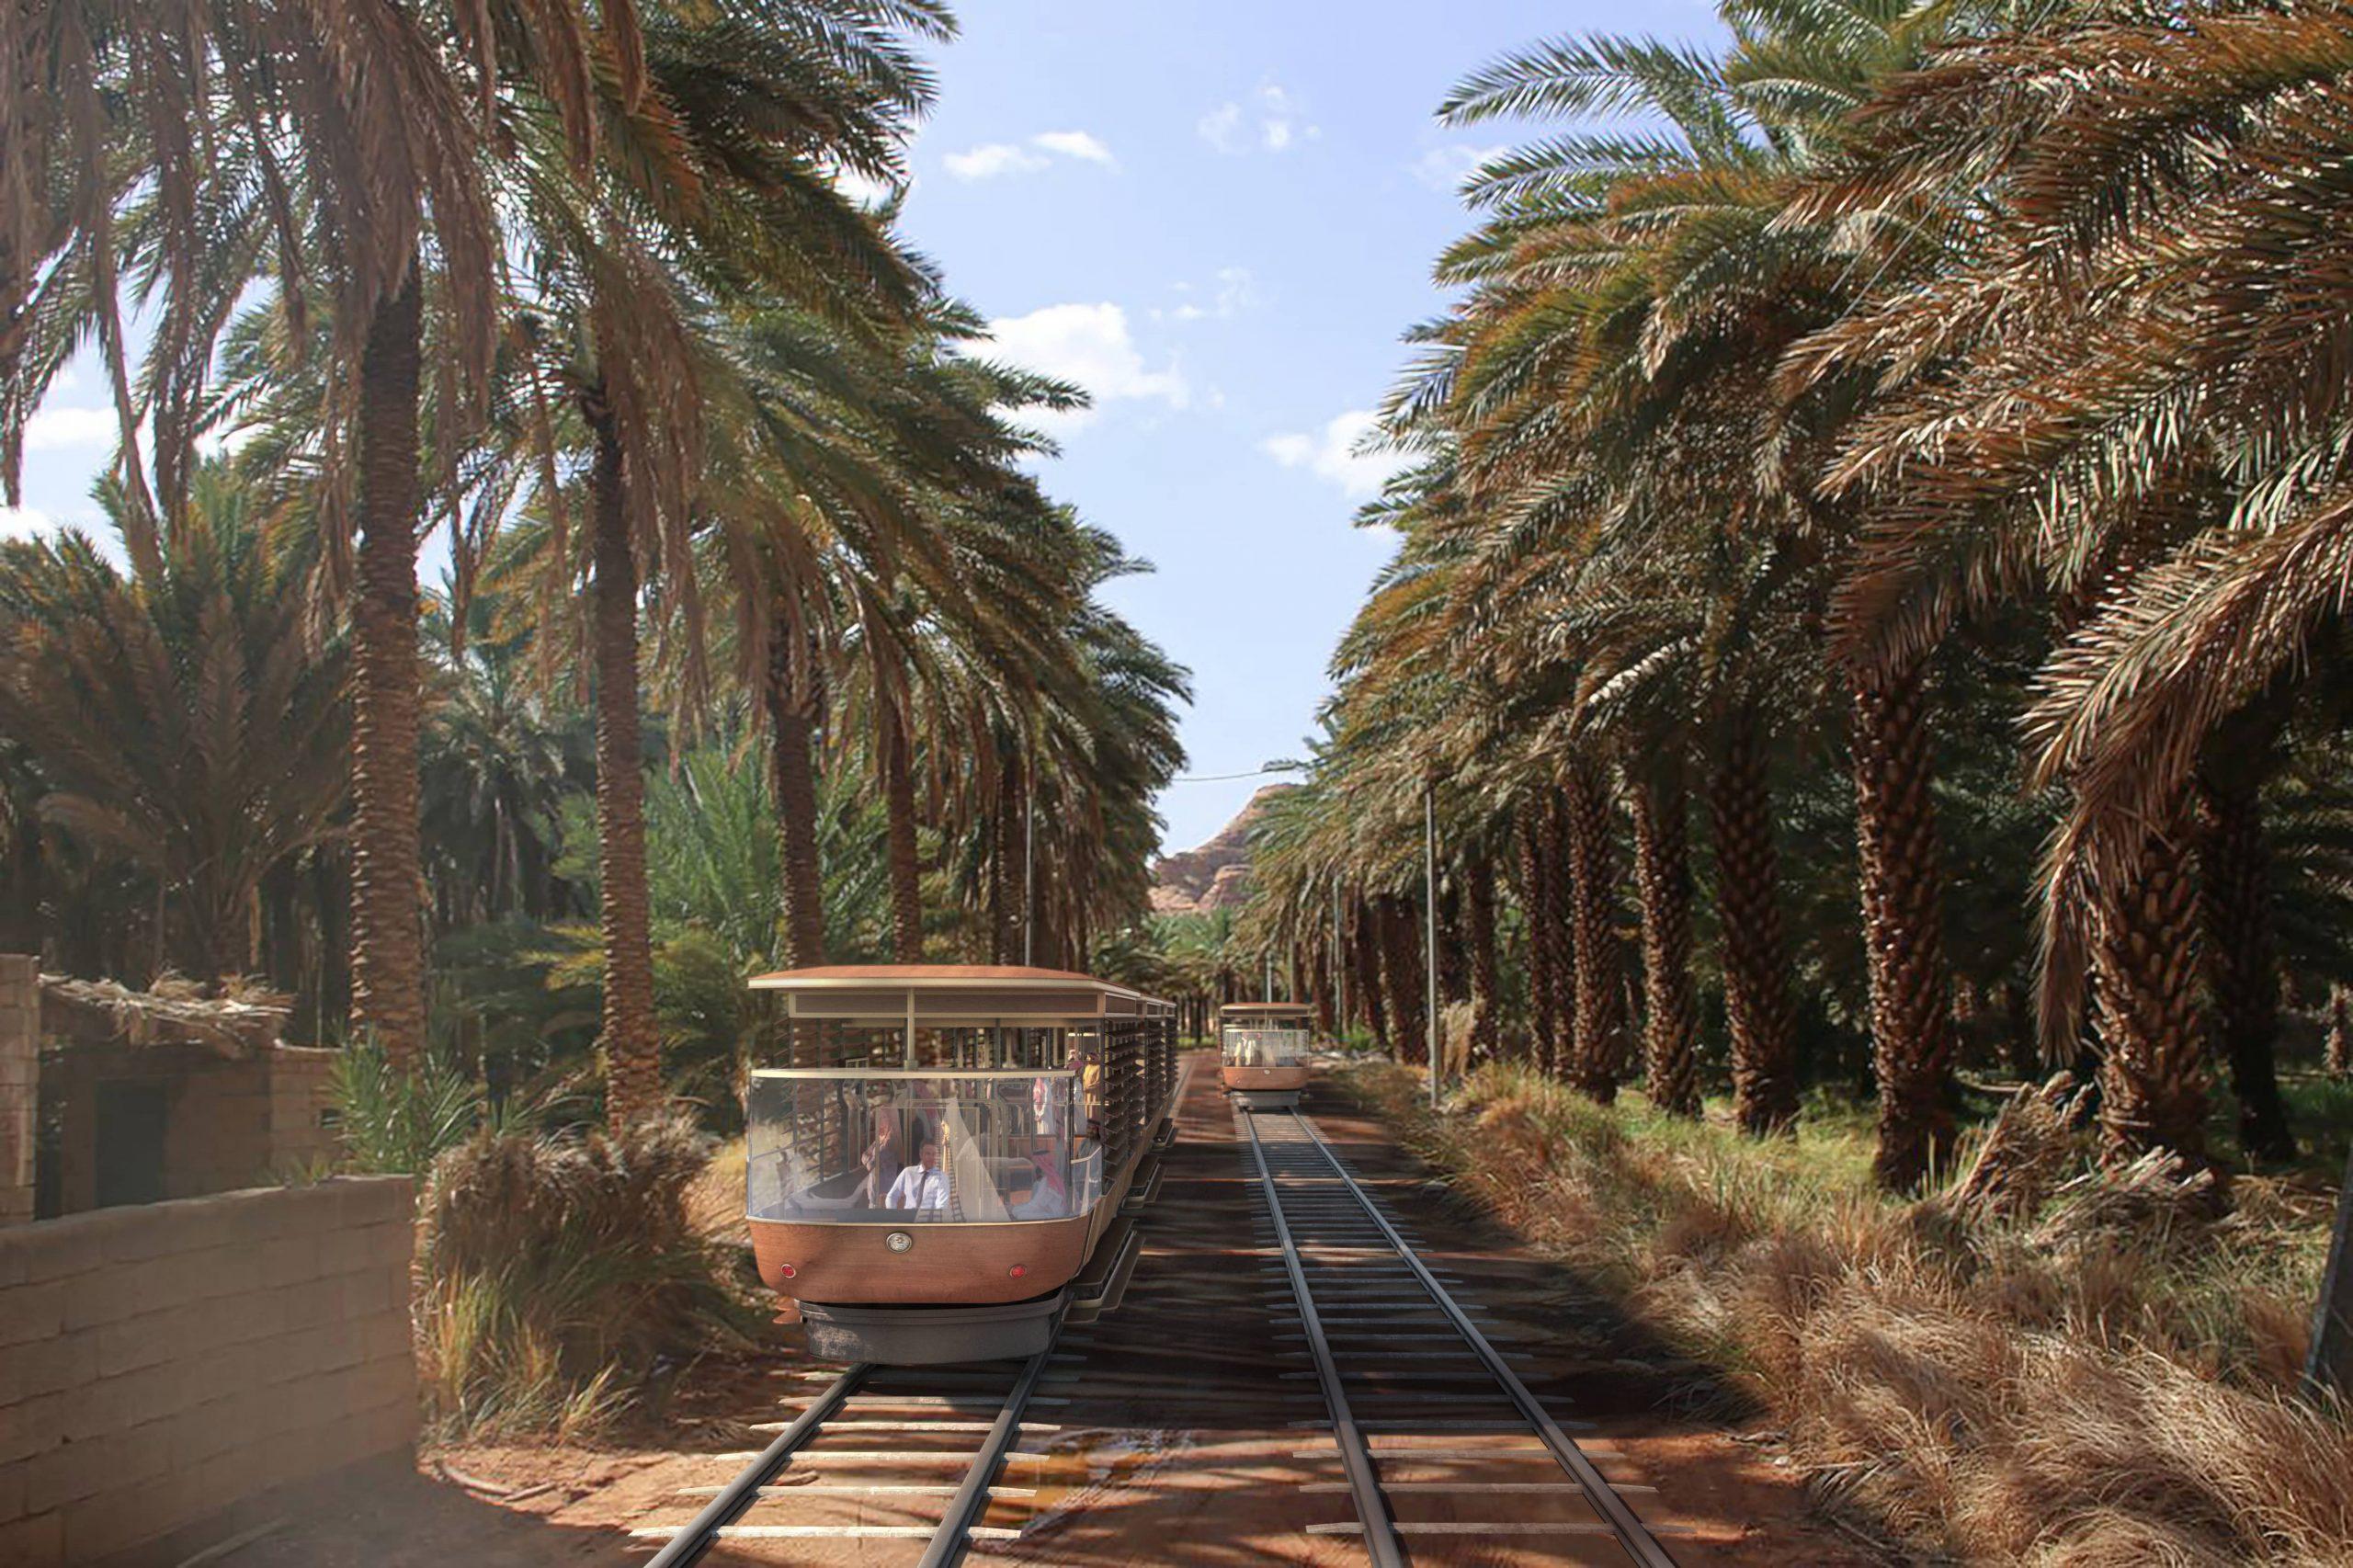 AFALULA l Tramway l Al Ula l inui